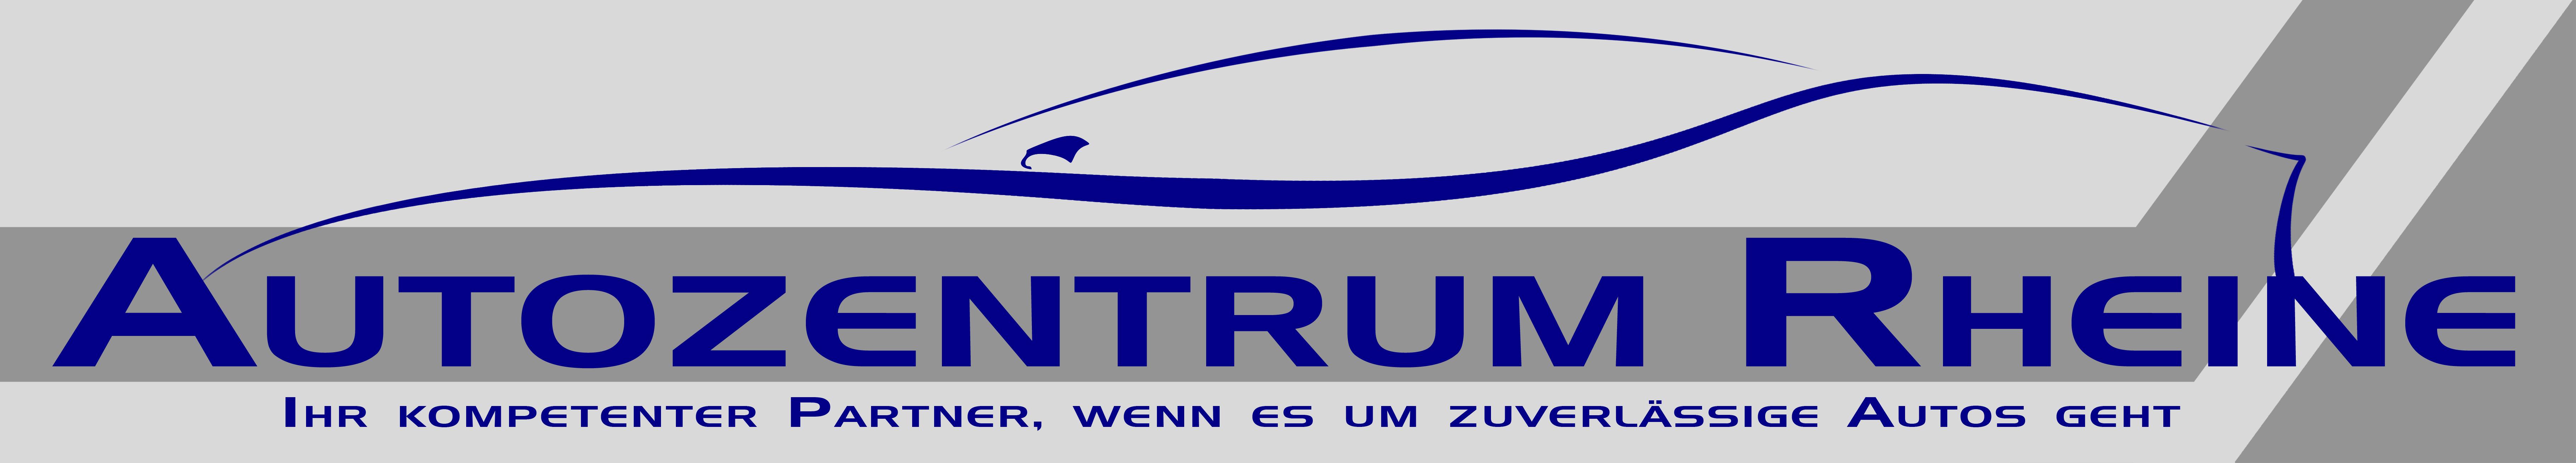 Autozentrum Rheine